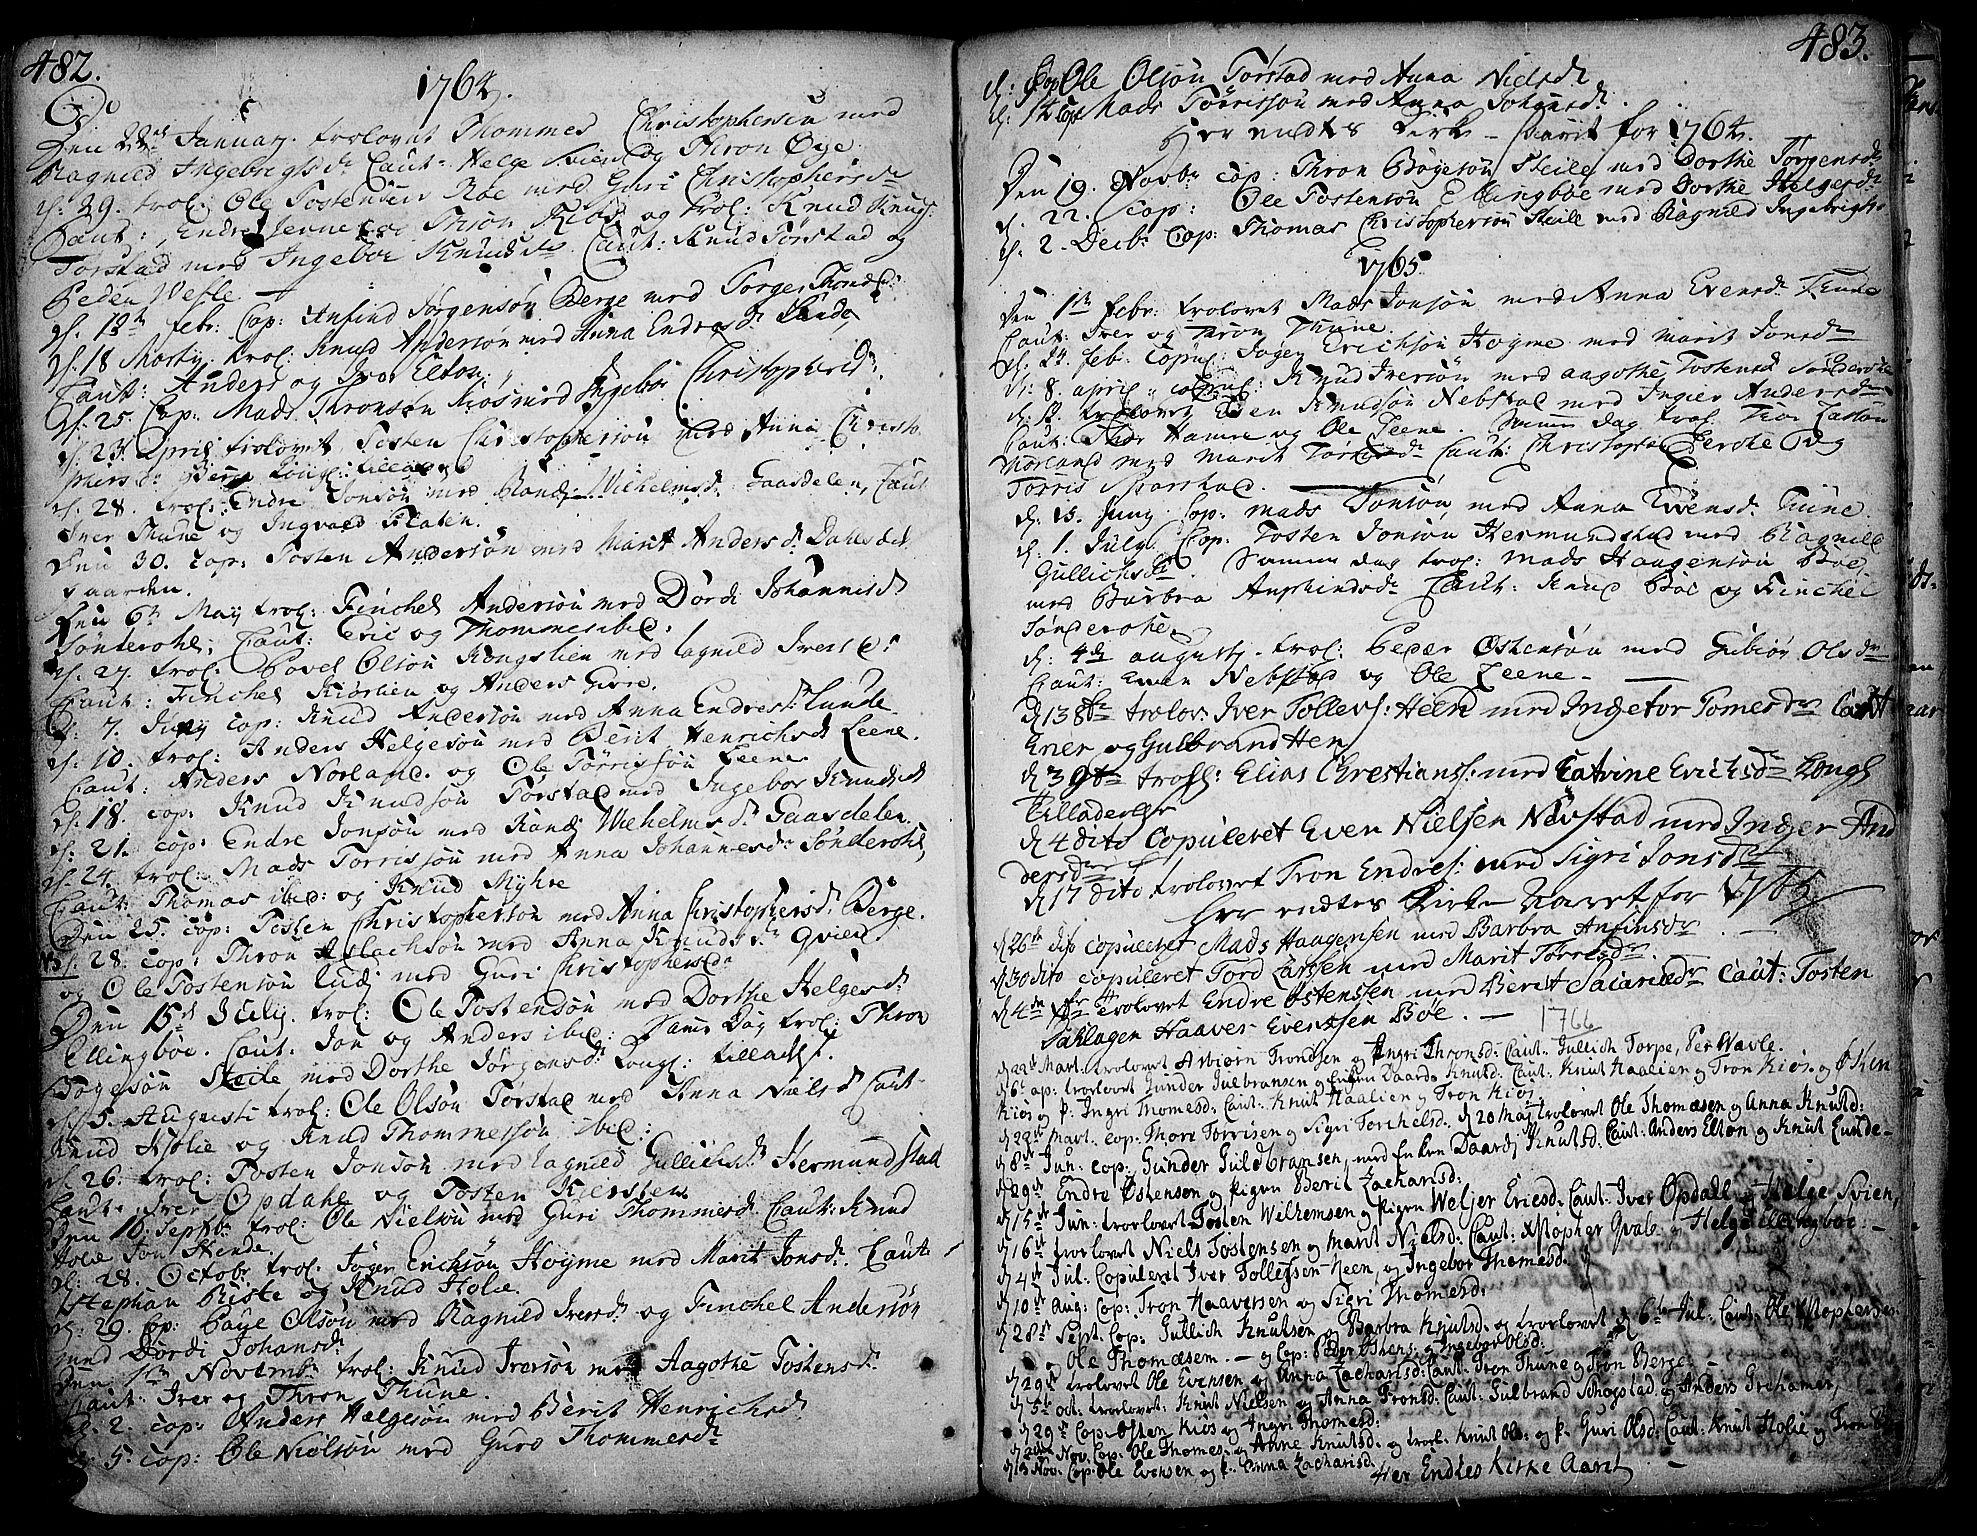 SAH, Vang prestekontor, Valdres, Ministerialbok nr. 1, 1730-1796, s. 482-483